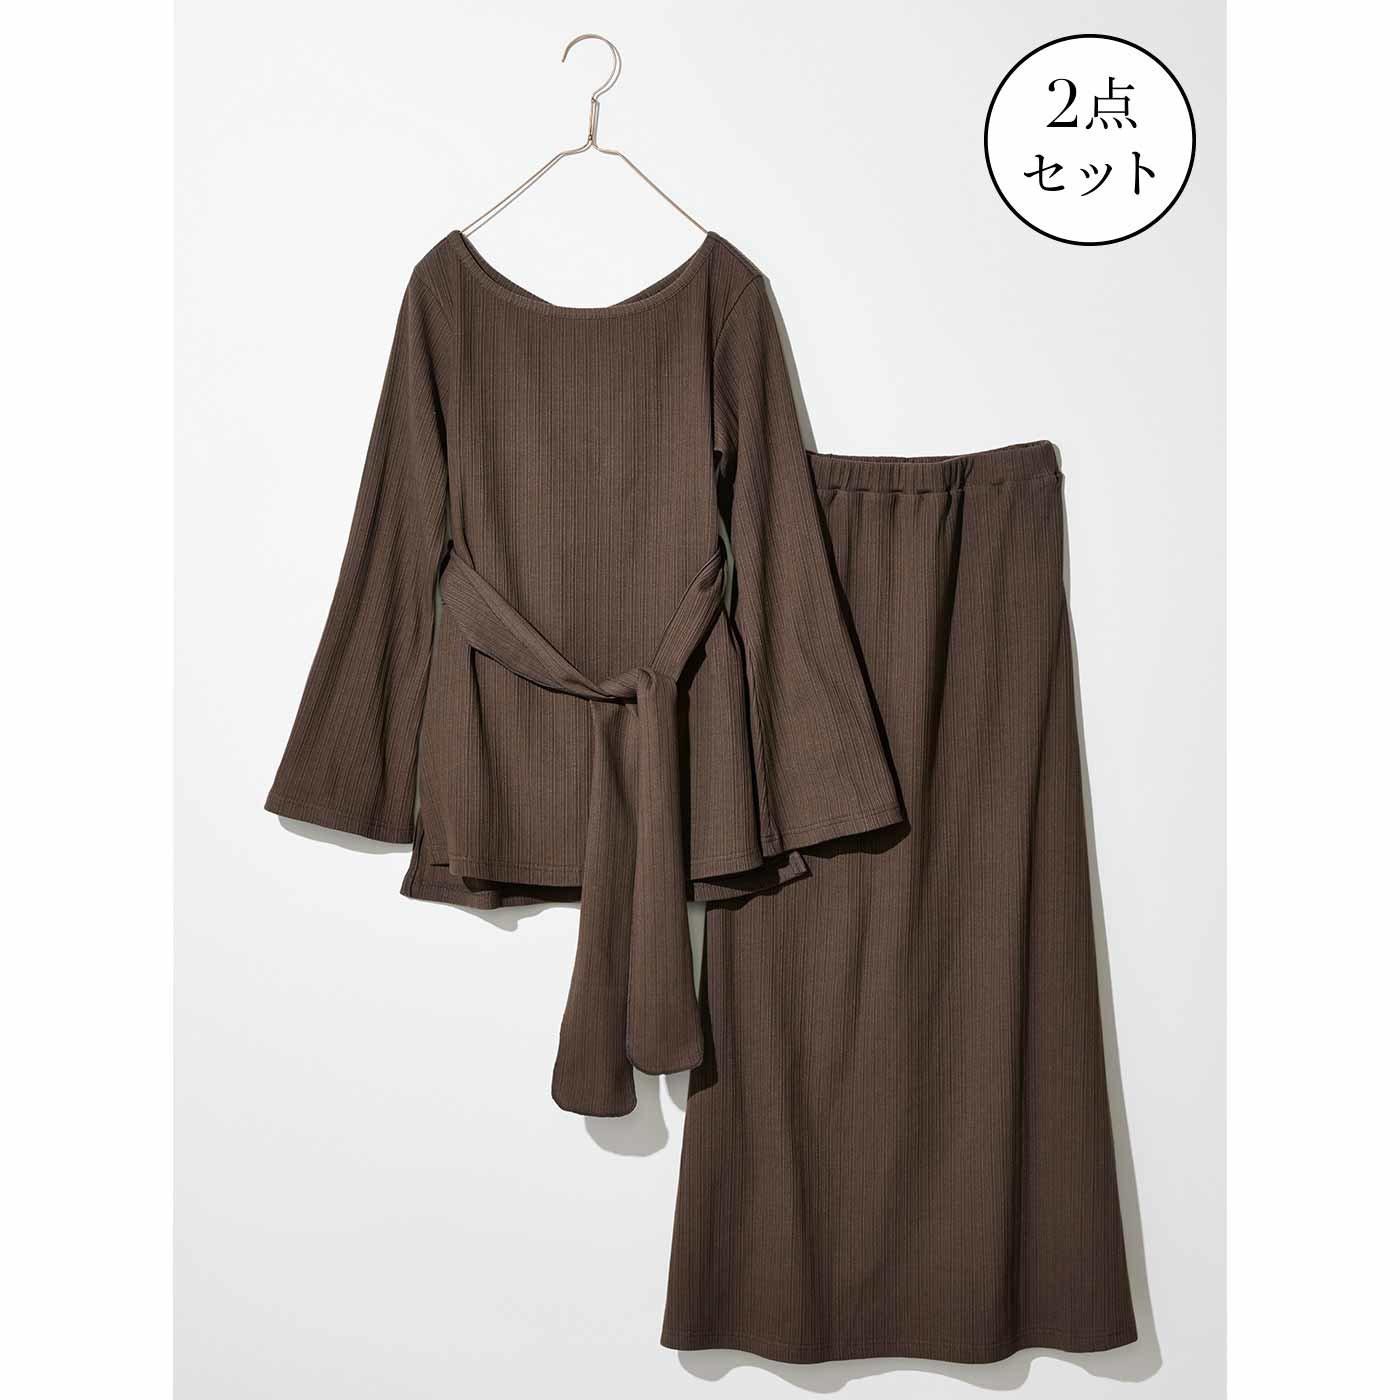 【3~10日でお届け】IEDIT[イディット] カットソーリブのロングスカートセットアップ〈ブラウン〉